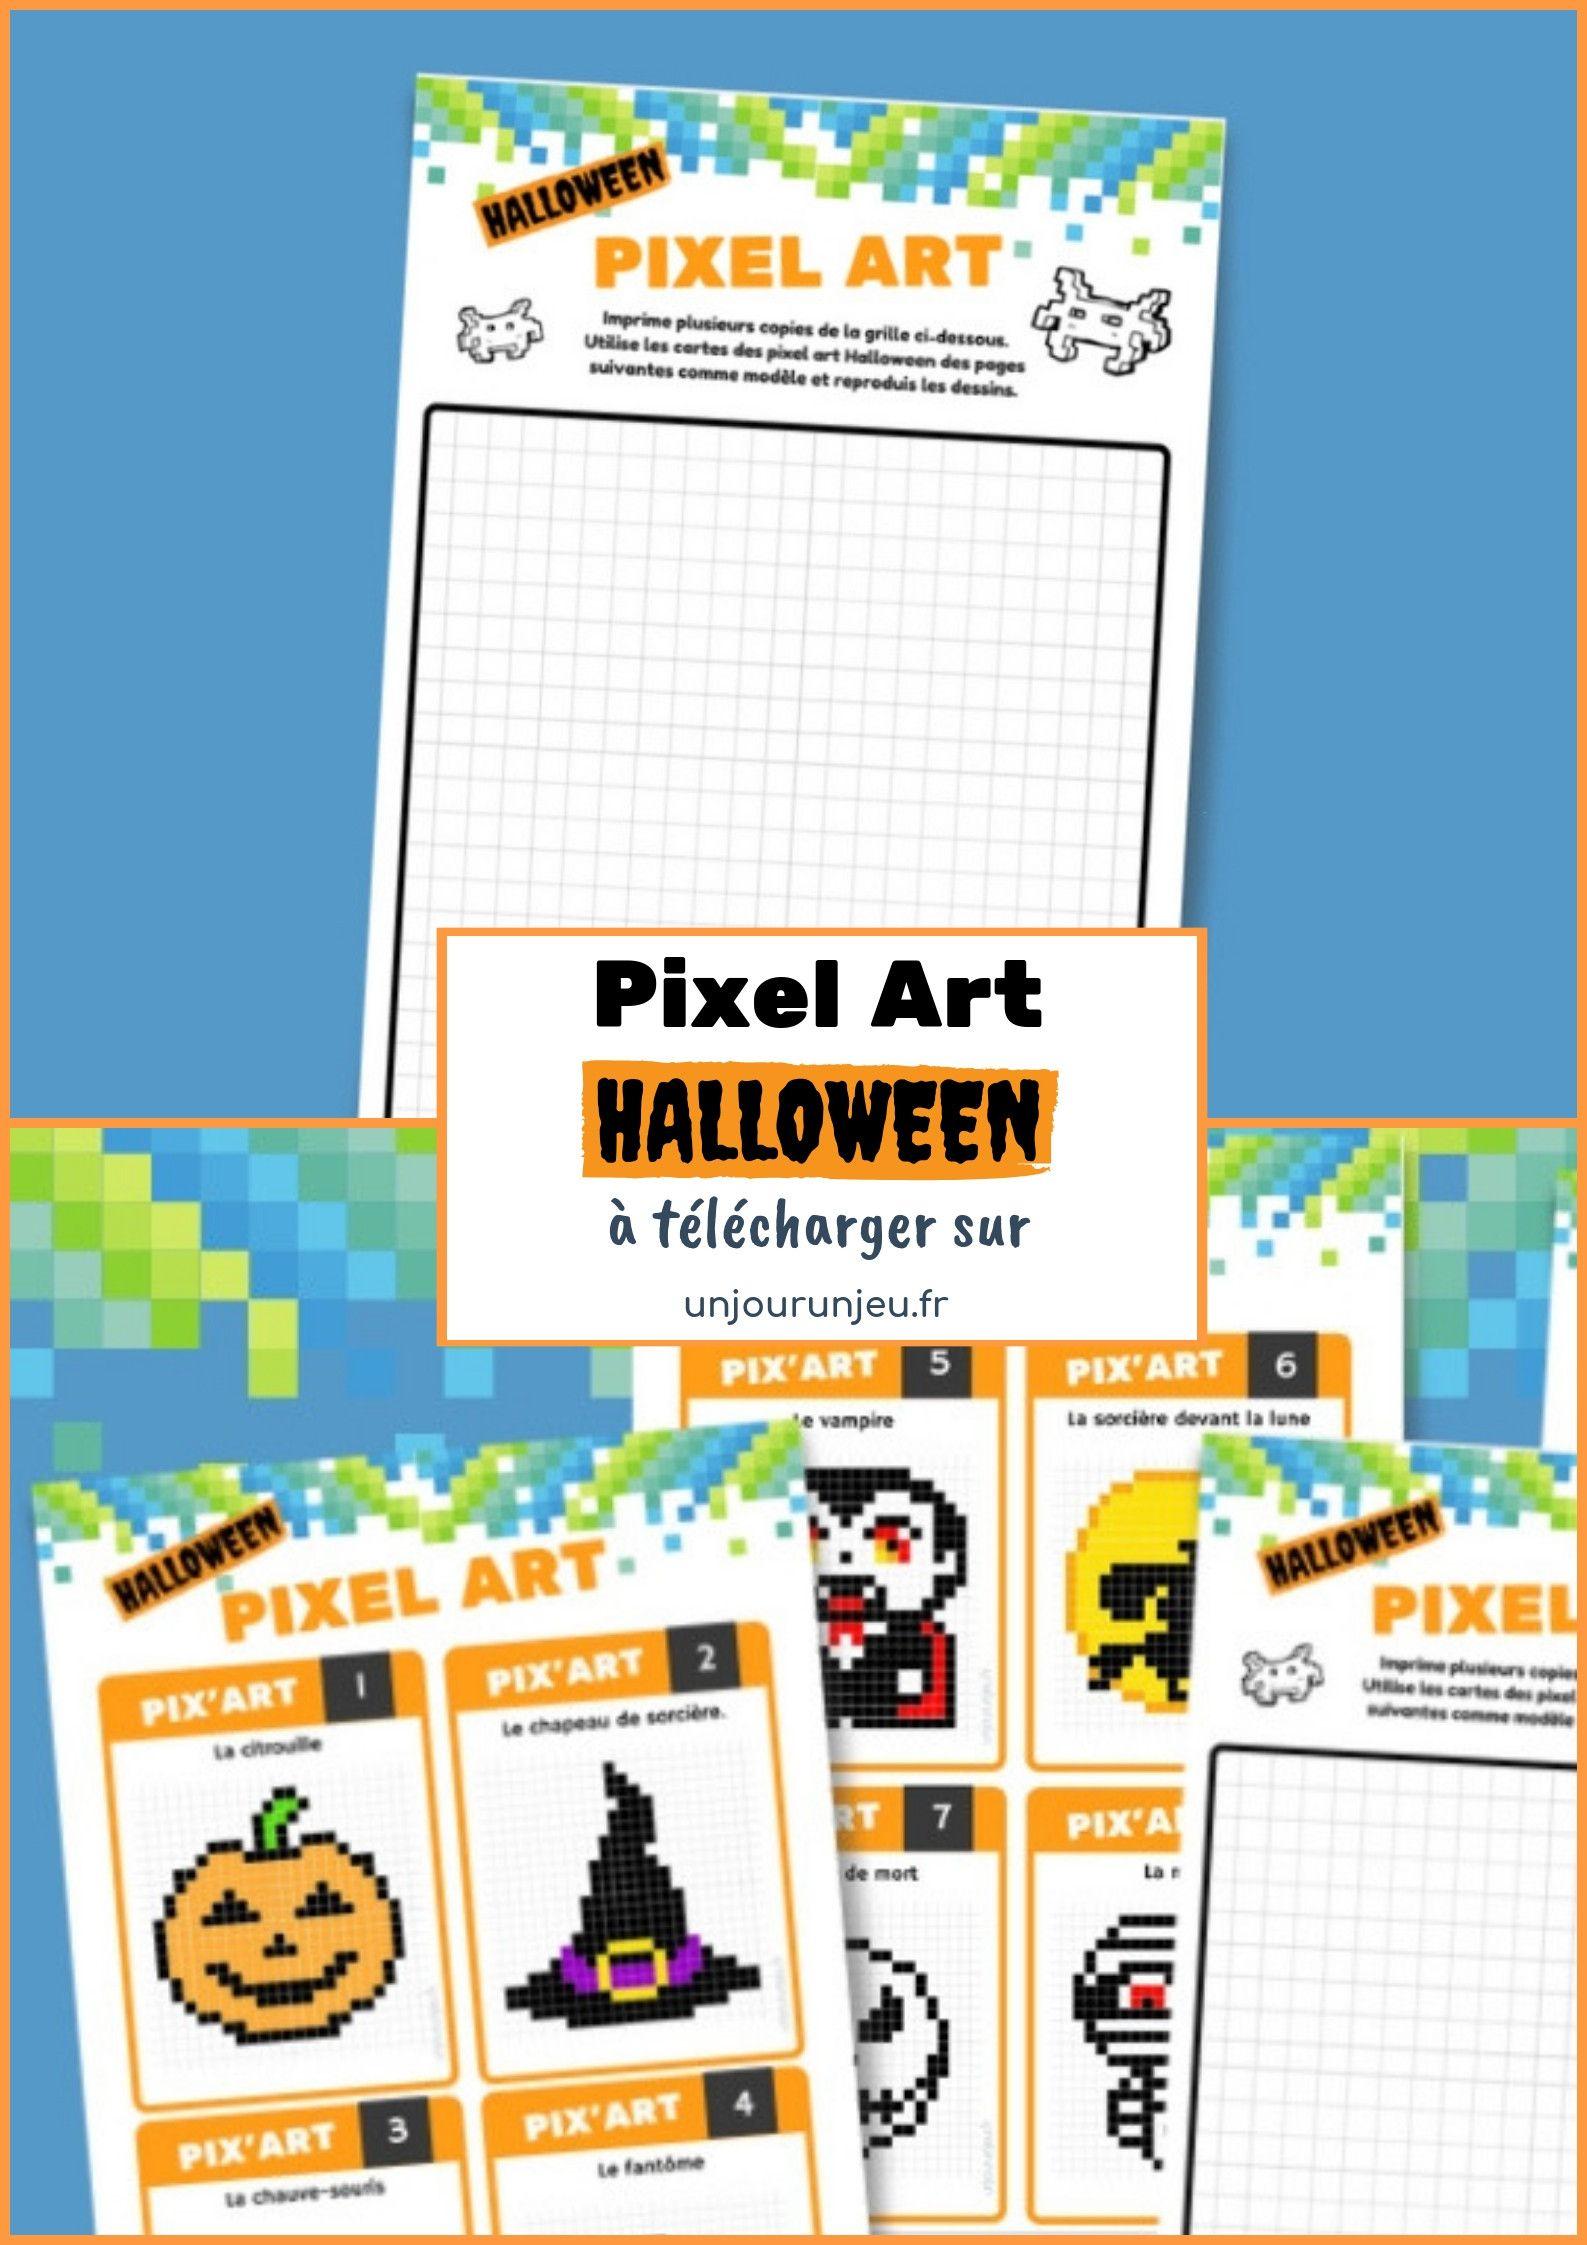 10 Fiches De Pixel Art D'halloween À Télécharger tout Jeu De Coloriage Pixel